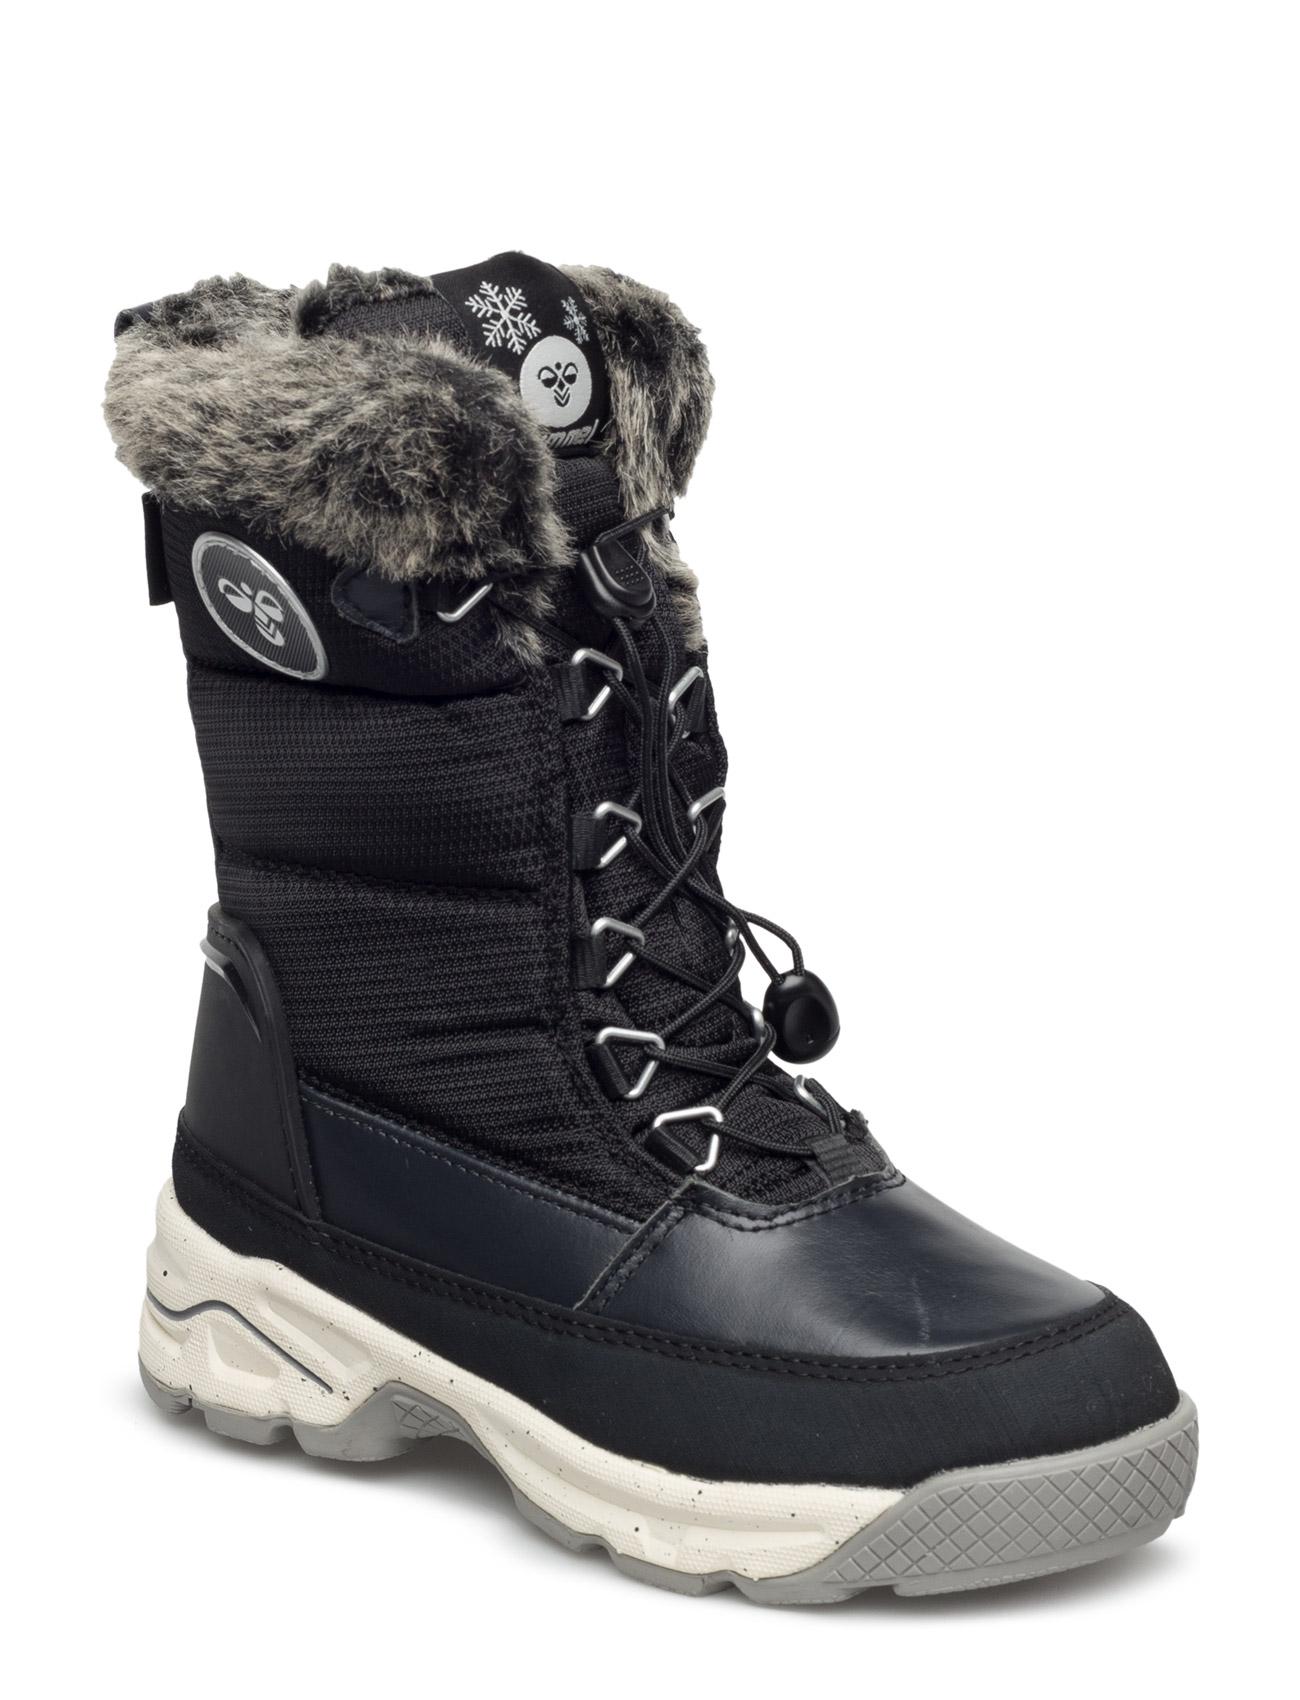 Snow Boot Jr Hummel Støvler til Børn i Sort